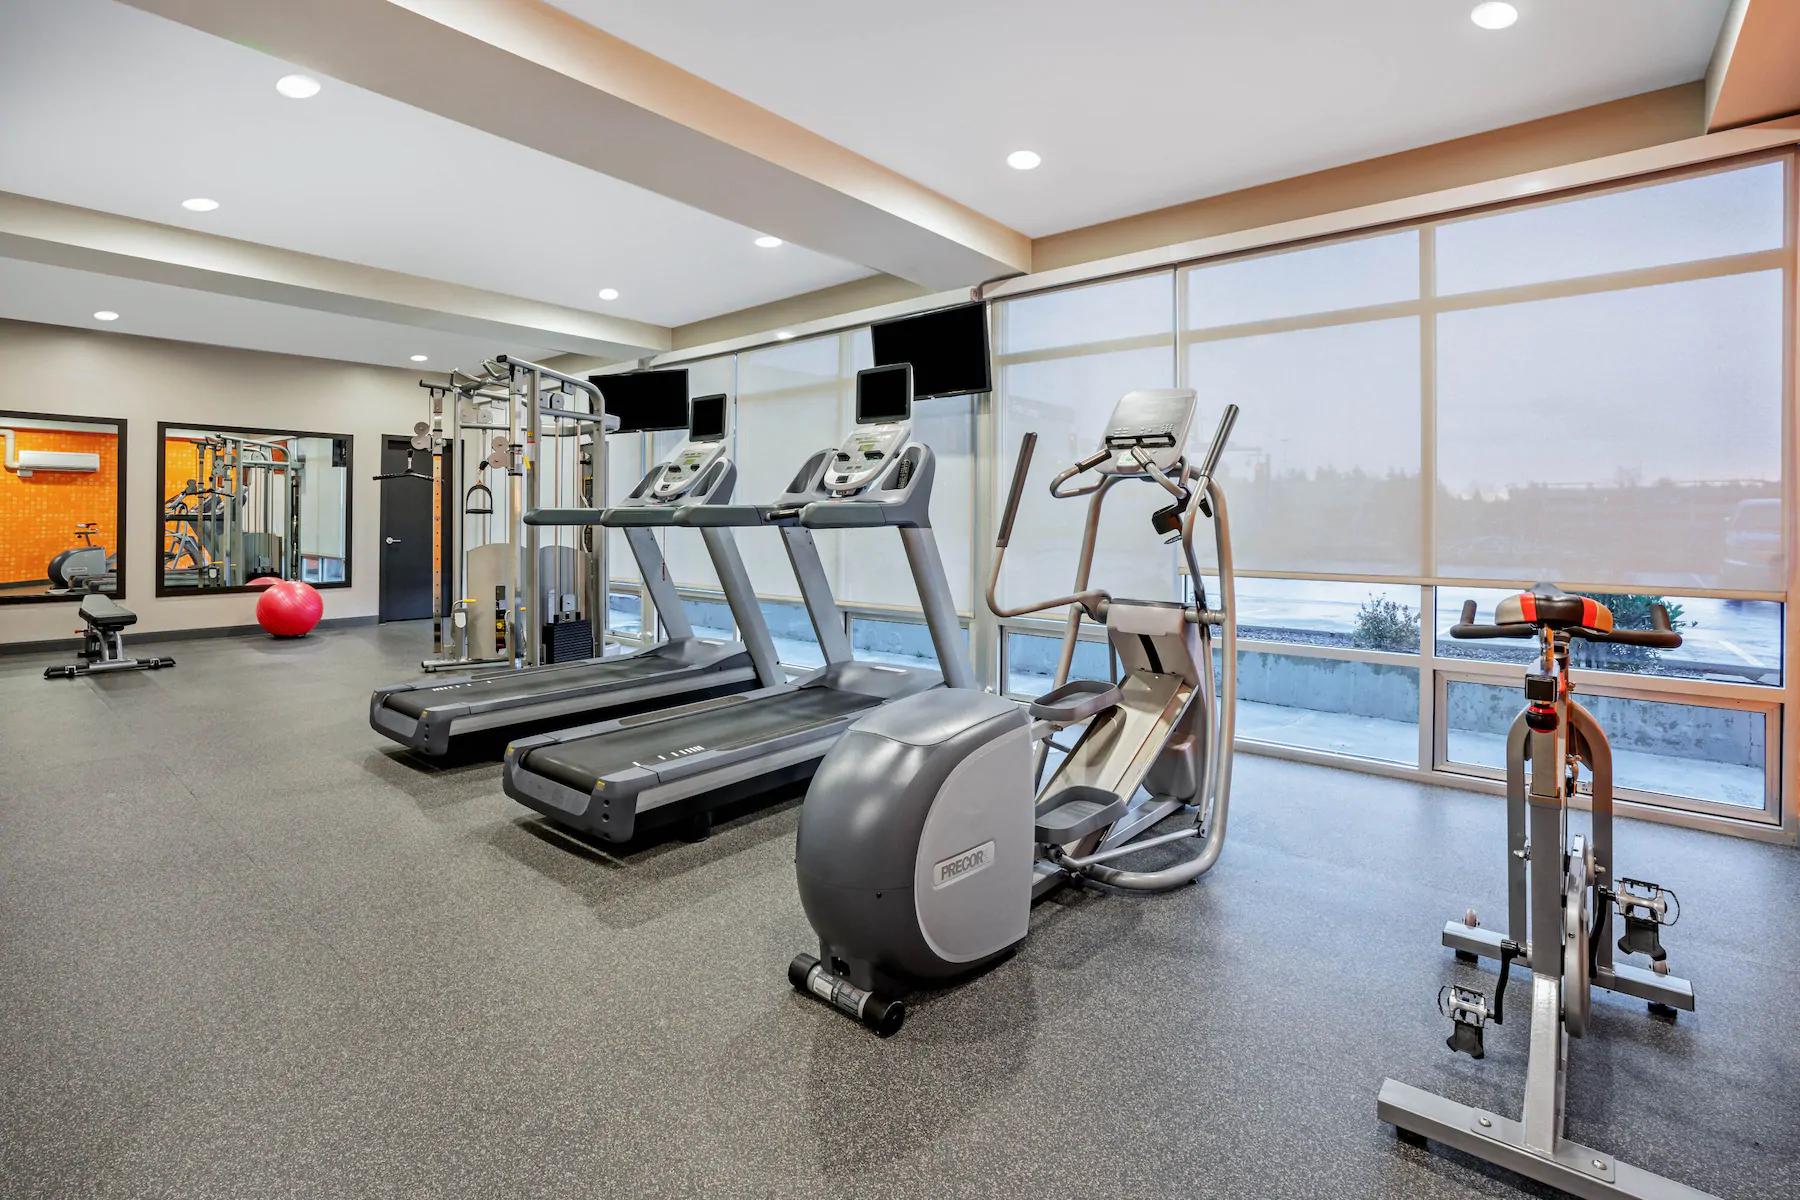 https://www.hotelsbyday.com/_data/default-hotel_image/4/23719/gym-1.png